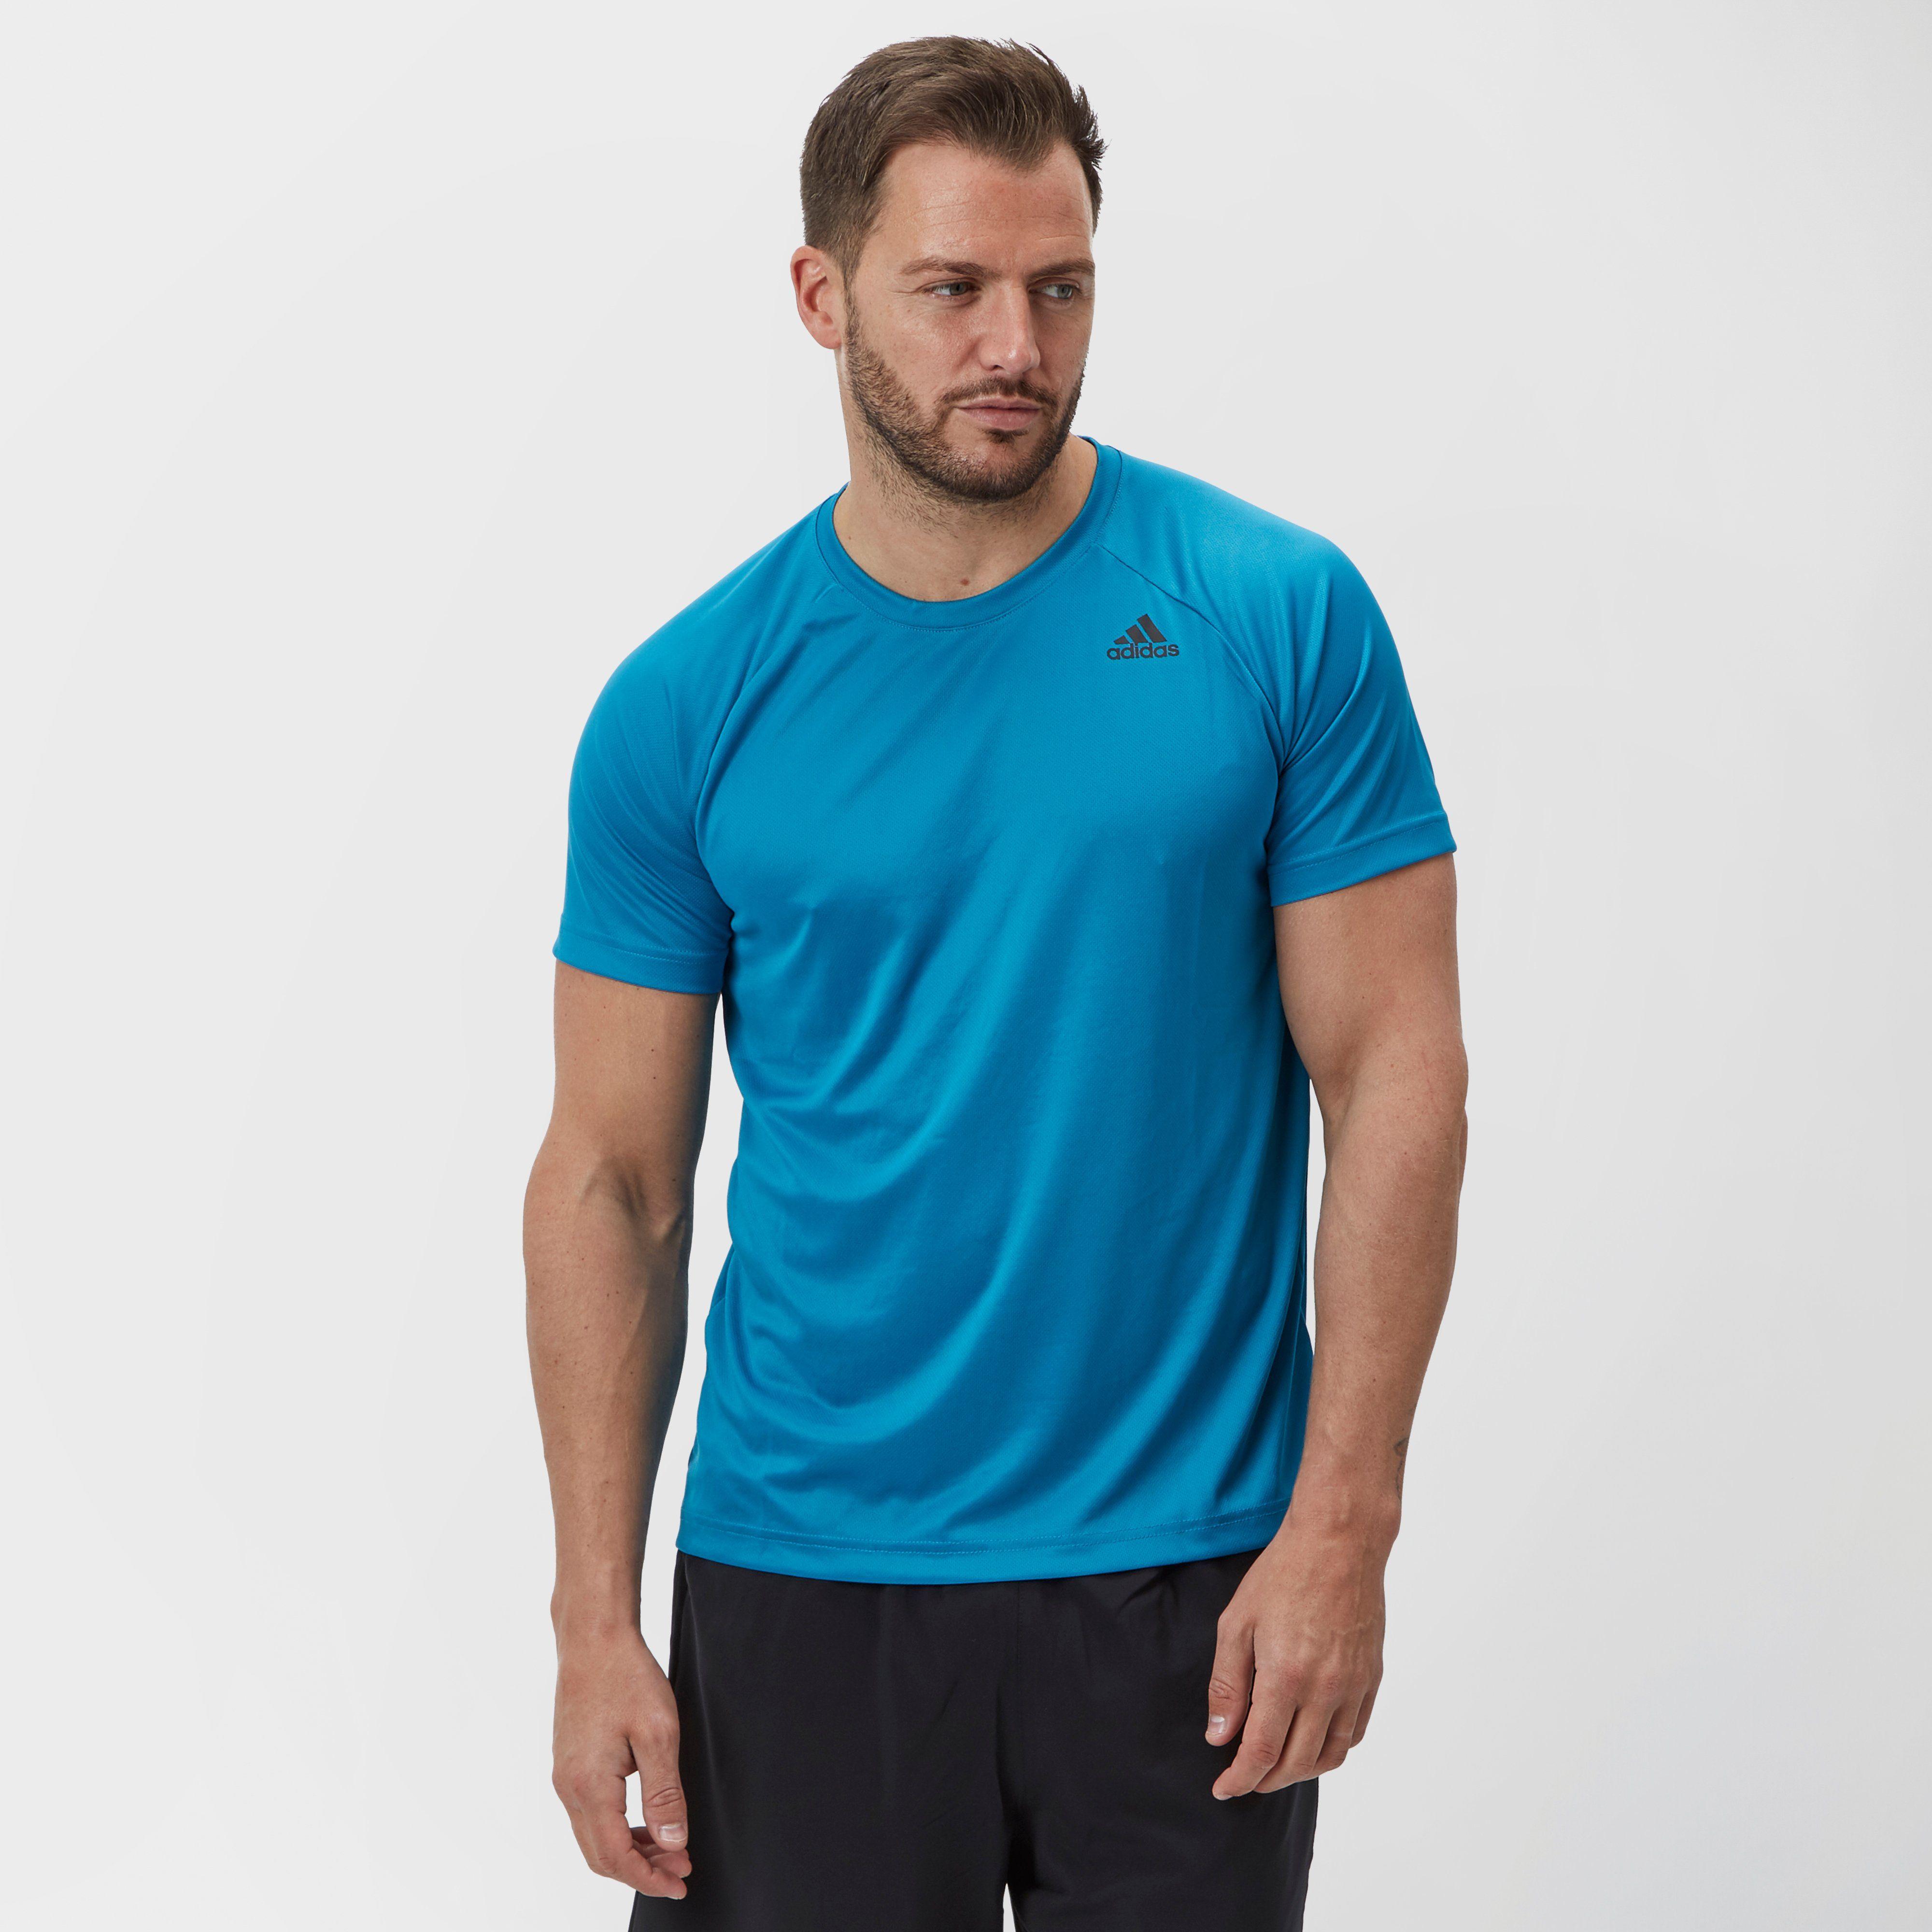 ADIDAS Men's D2M T-Shirt